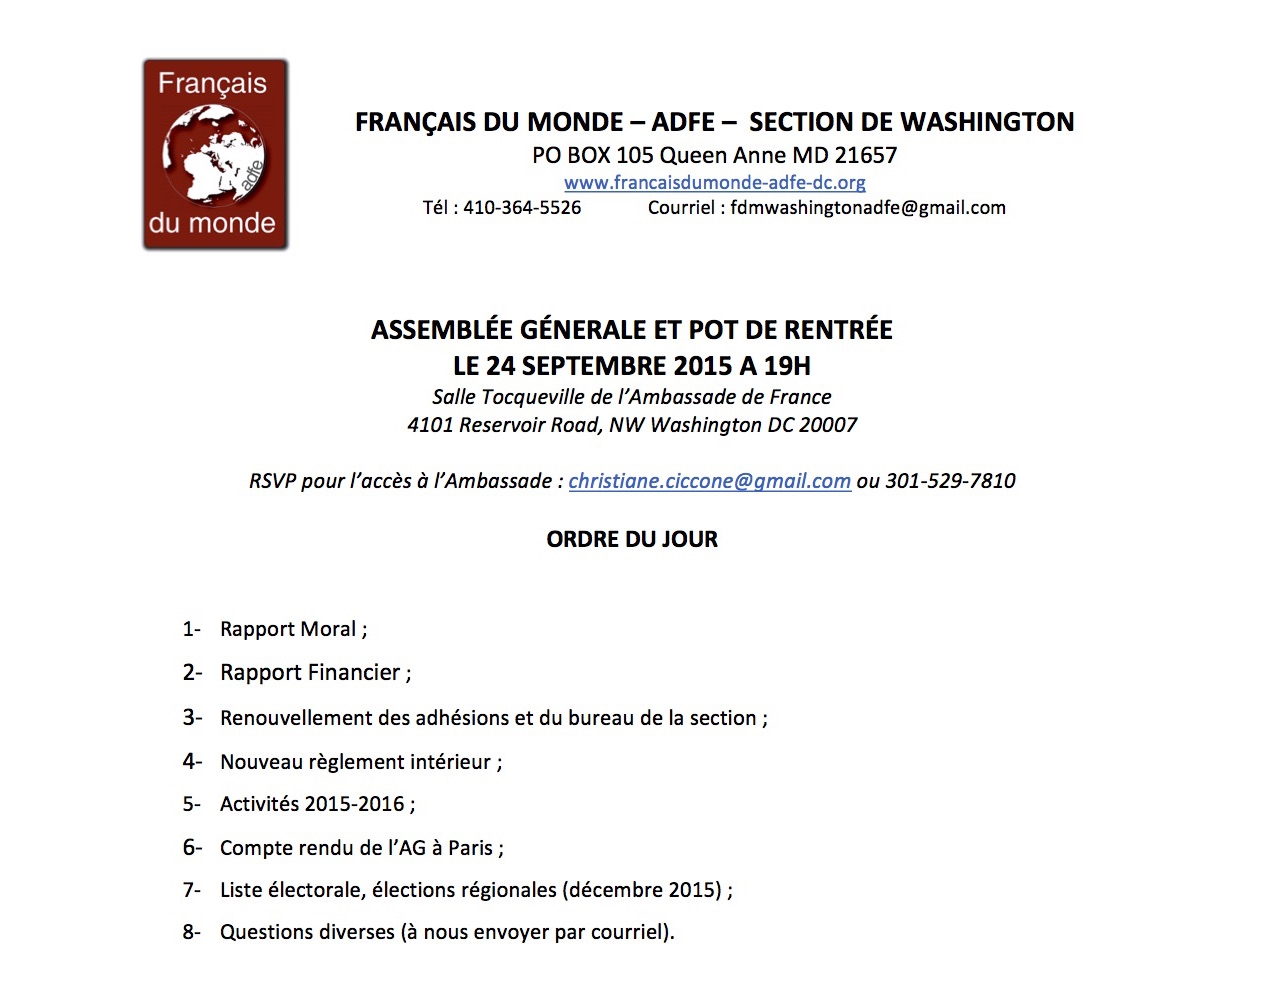 Assemblee Generale du 24 septembre 2015